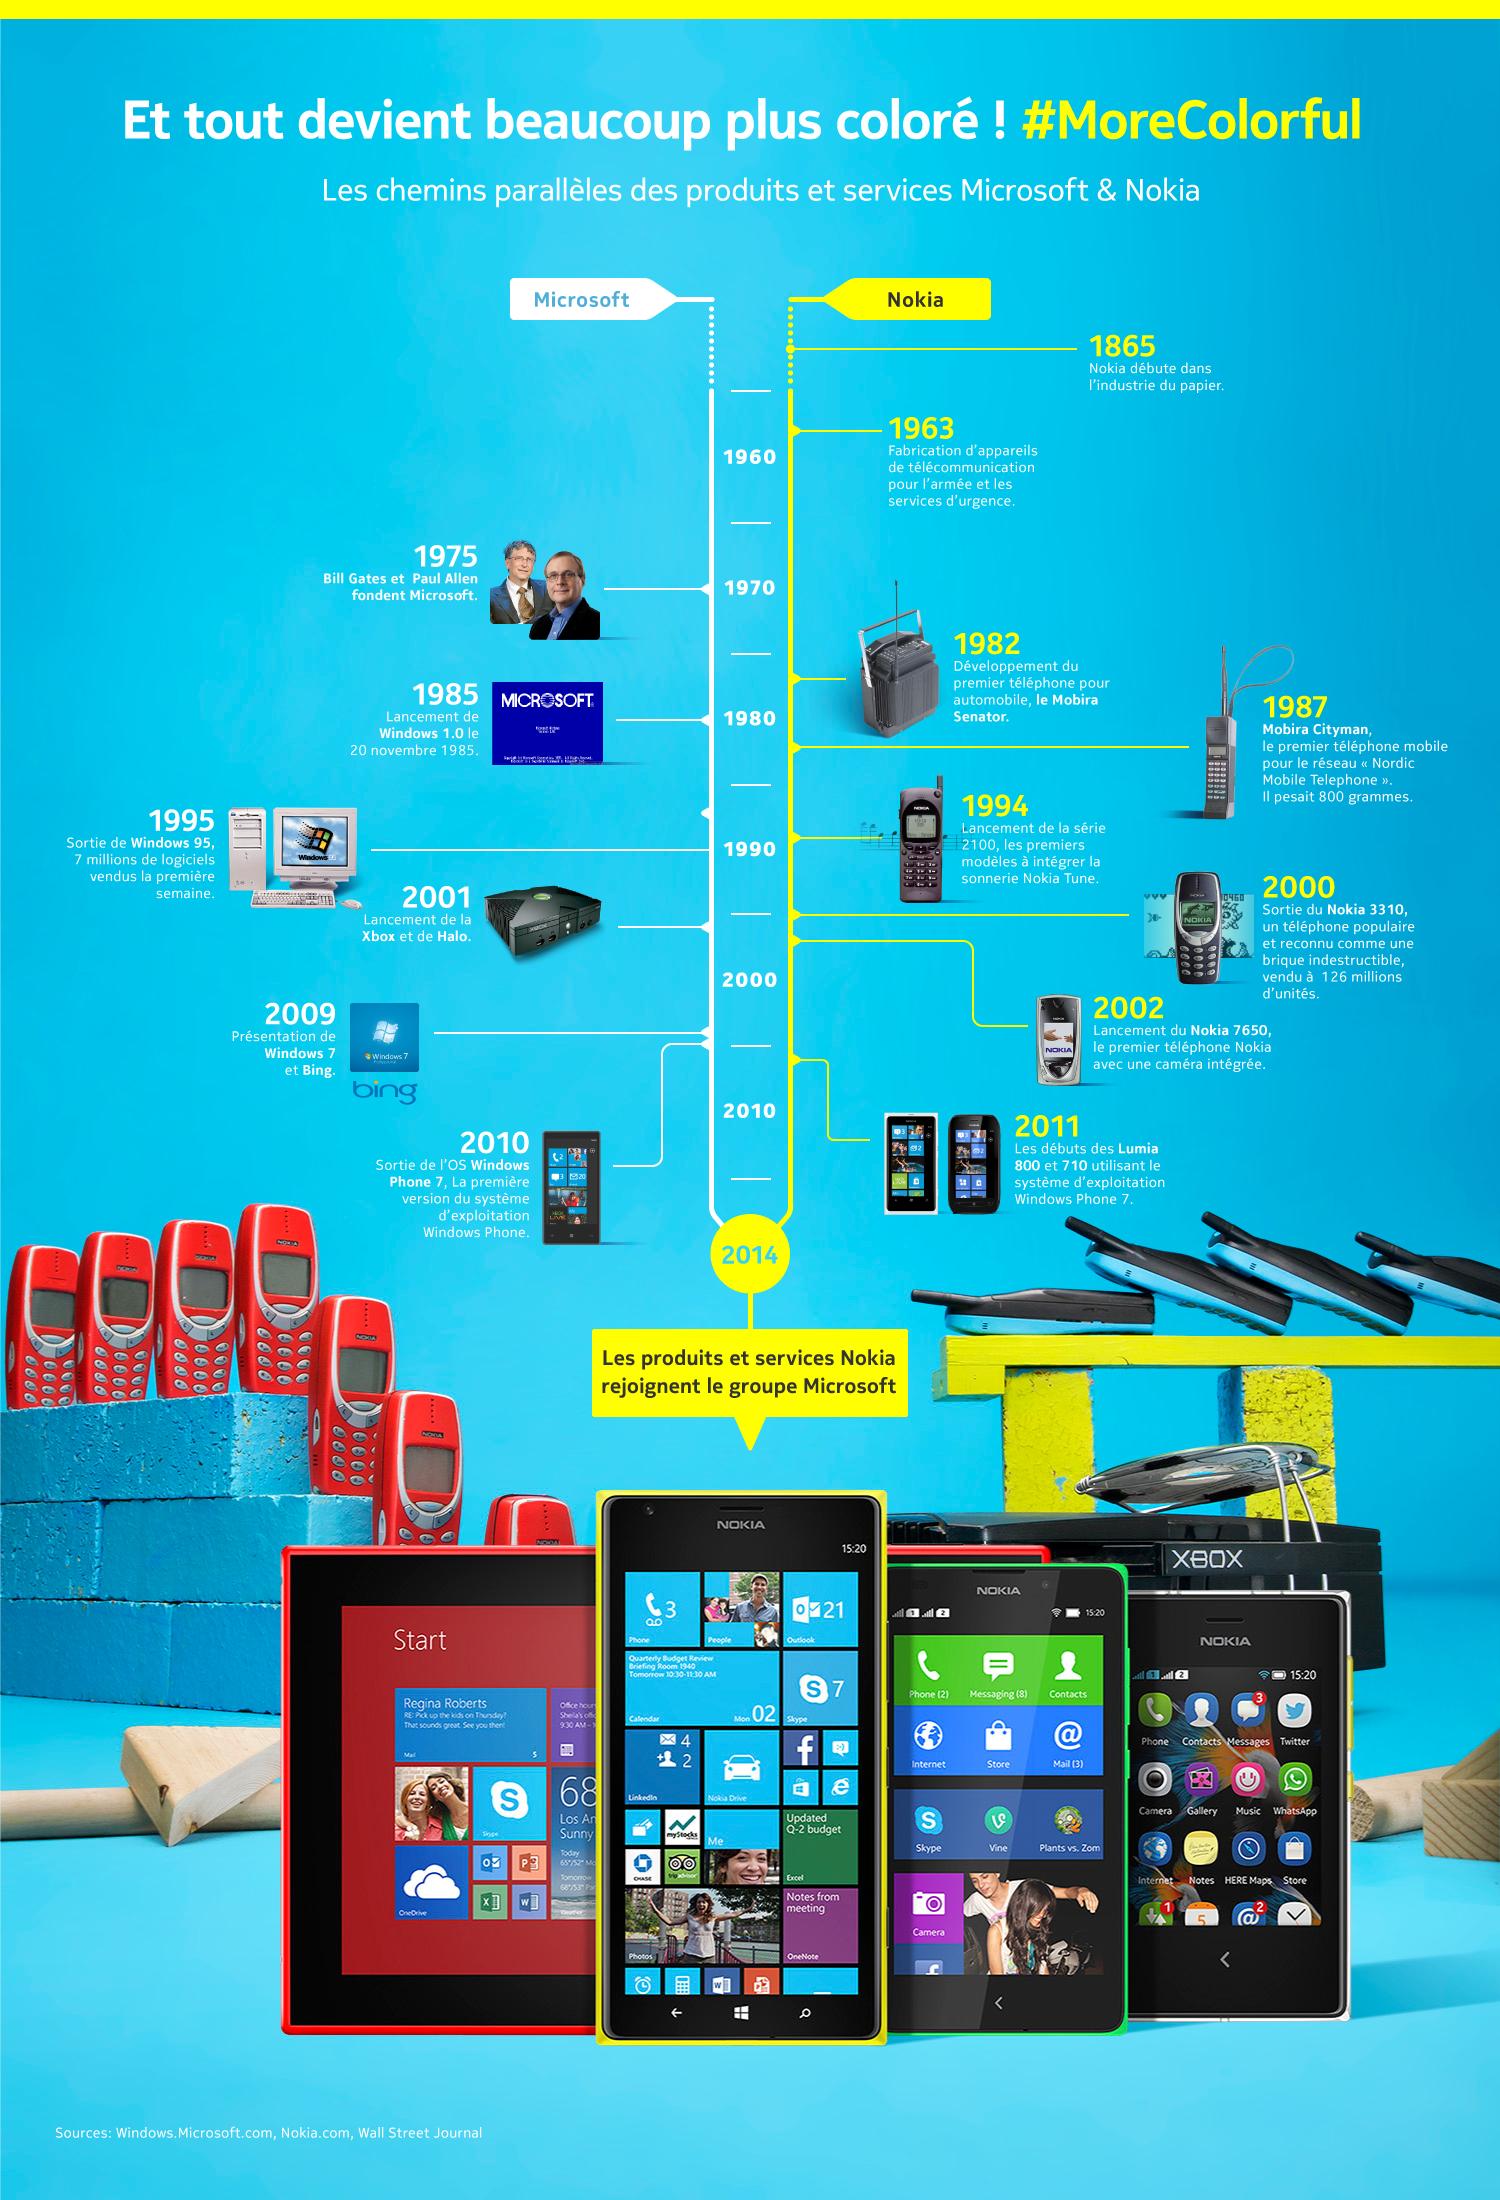 okia a publié sur les réseaux sociaux une infographie représentant les chemins parallèles des produits et services Microsoft & Nokia.  Les deux compagnies feront un très beau chemin chacun de leur côté jusqu'à la fusion en 2014. Découvrez l'histoire complète de Nokia et Microsoft en une infographie